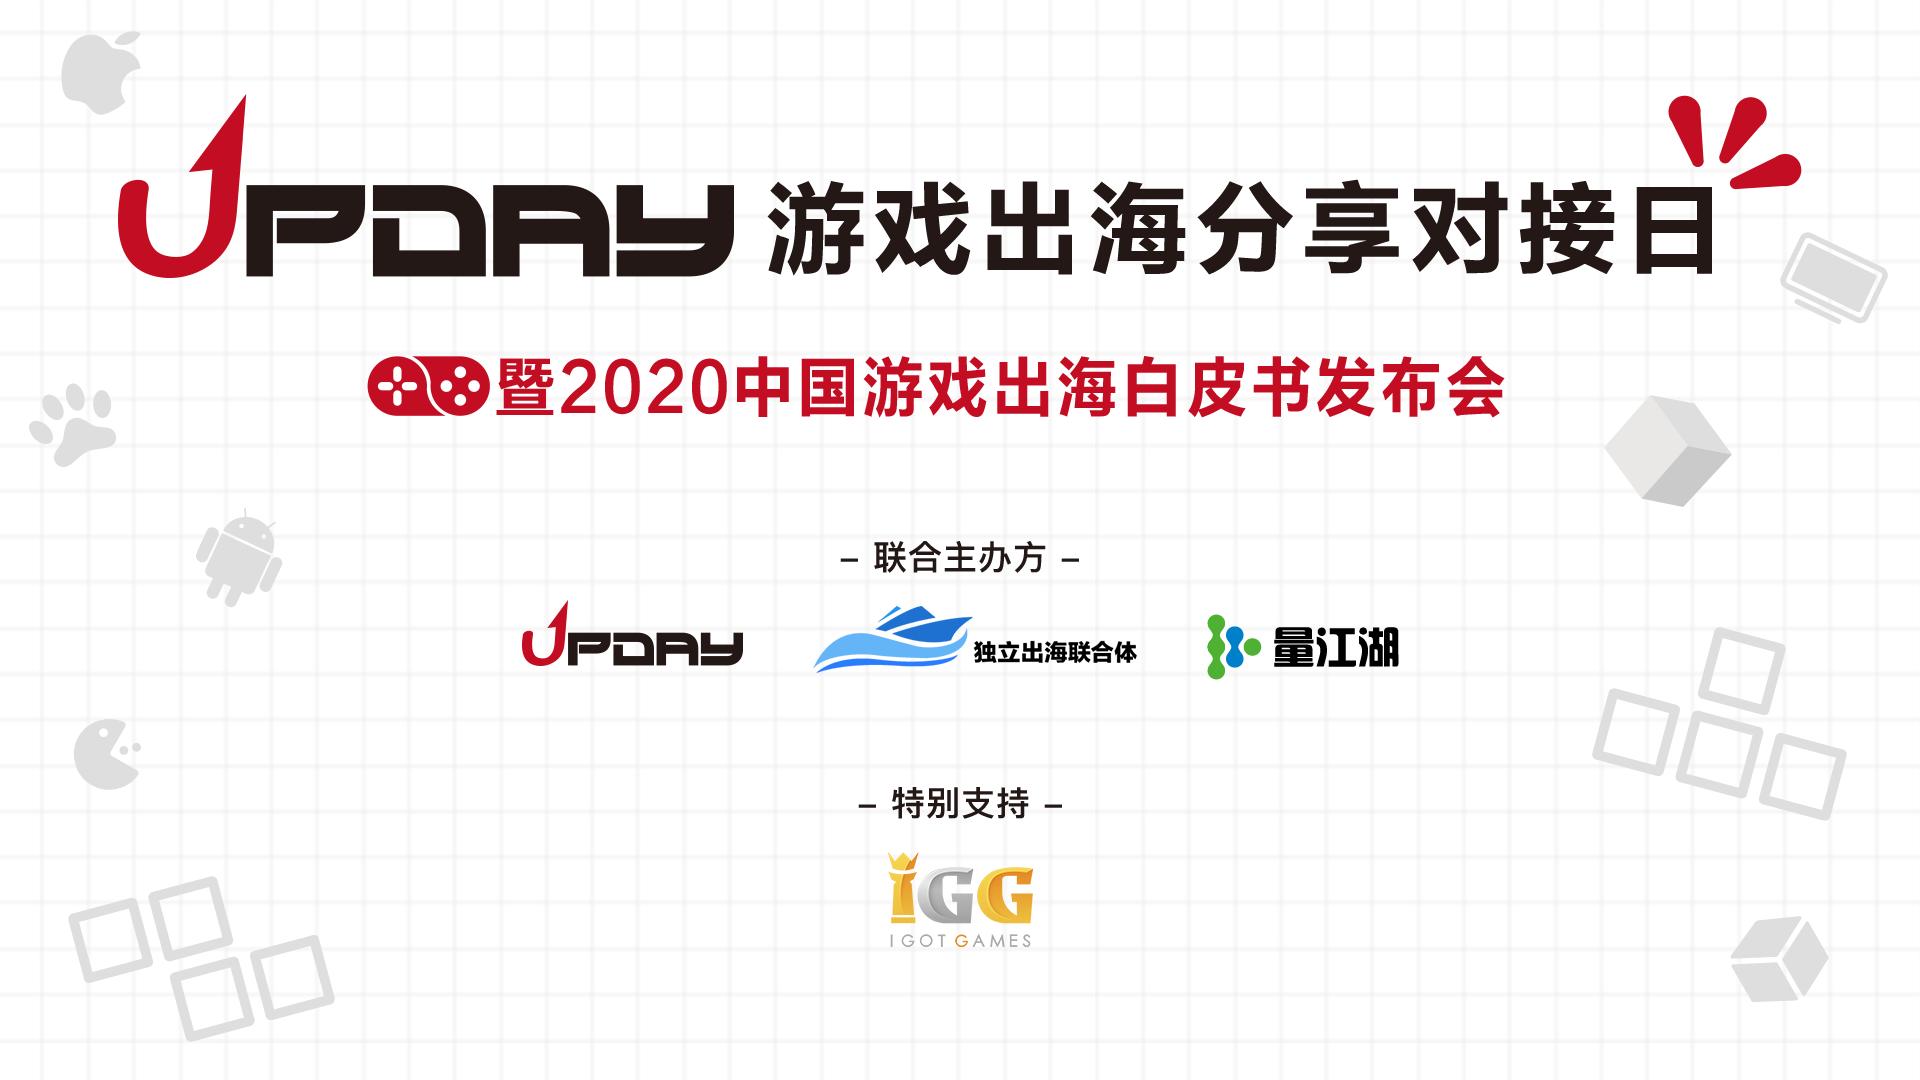 12月9日,DEAS 2020 UPDAY与您相约北京,聚焦出海